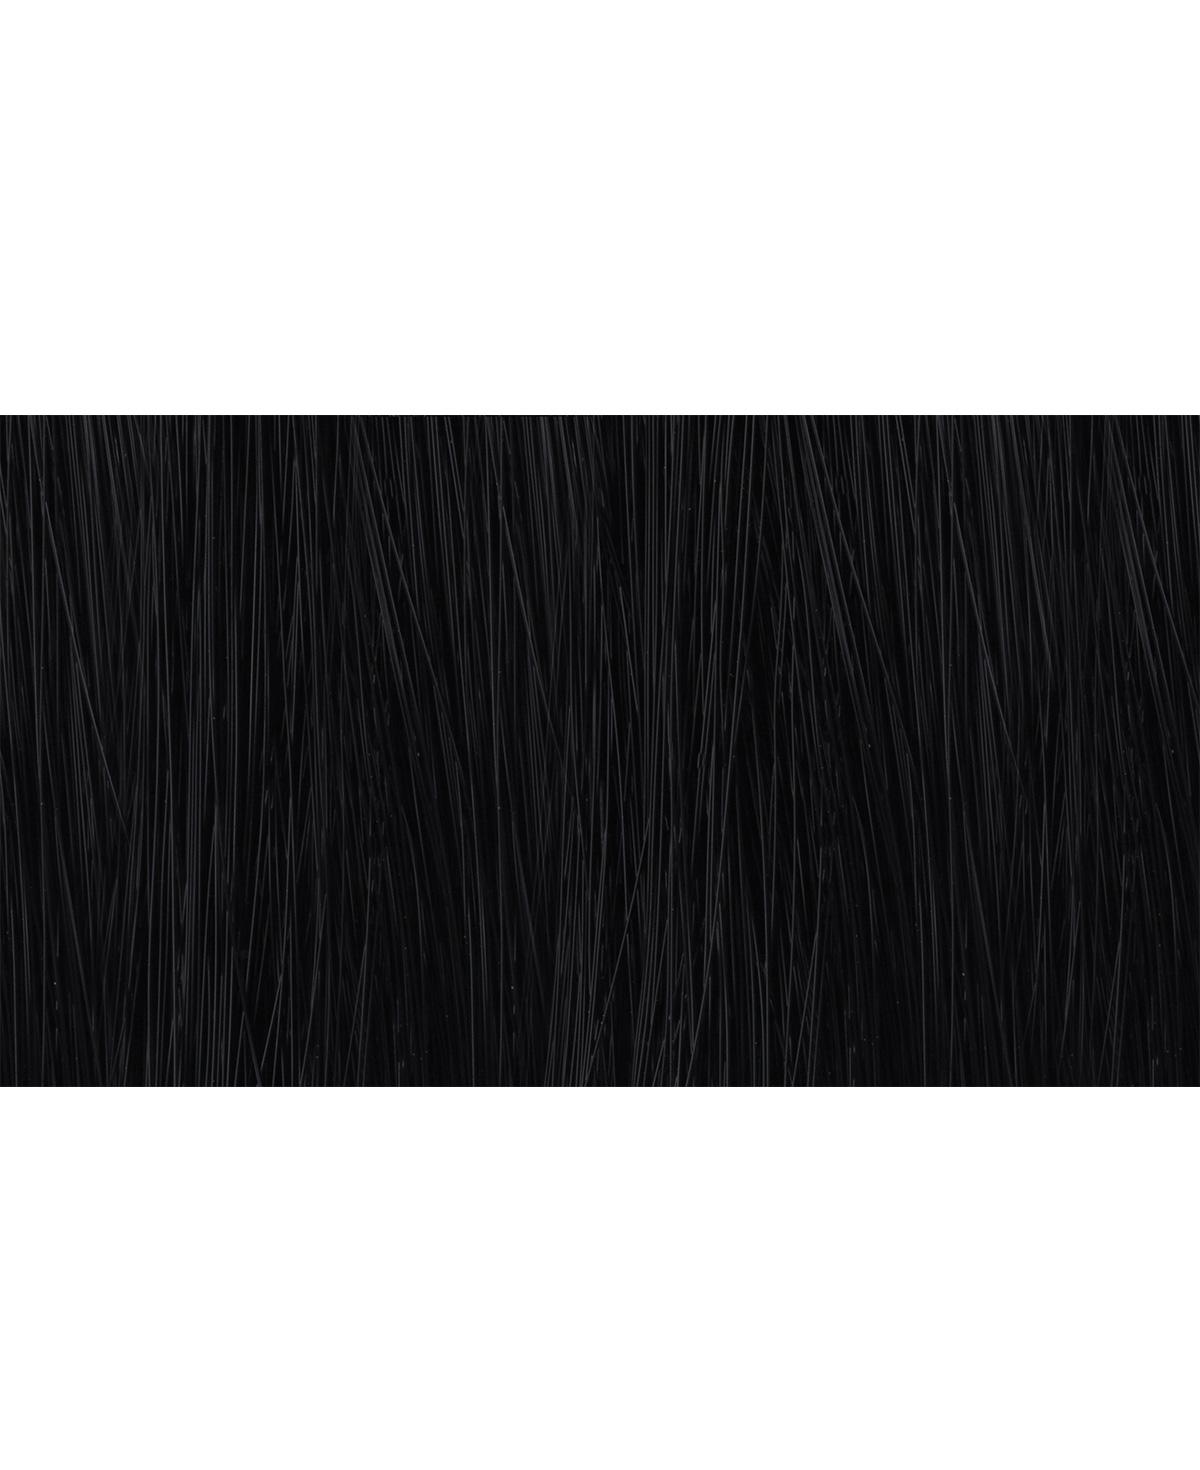 color.me 1.0 / 1N Black